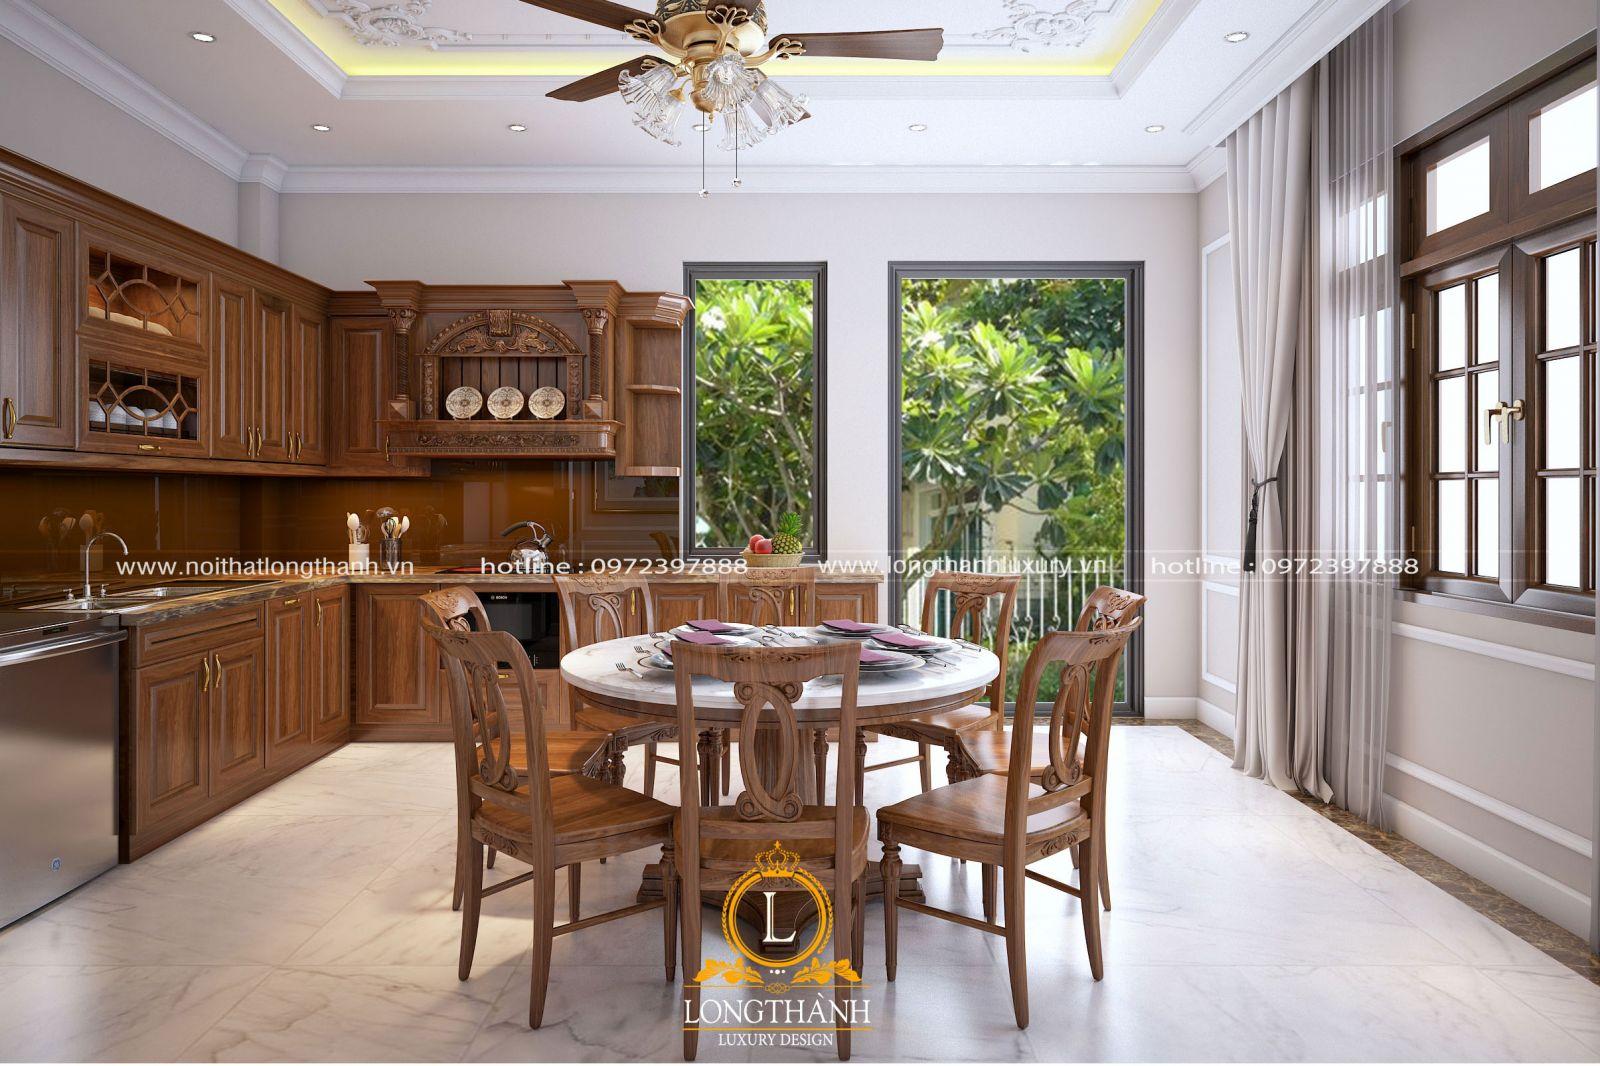 Thiết kế phòng bếp nhà phố hẹp sử dụng chất liệu gỗ Gõ đỏ